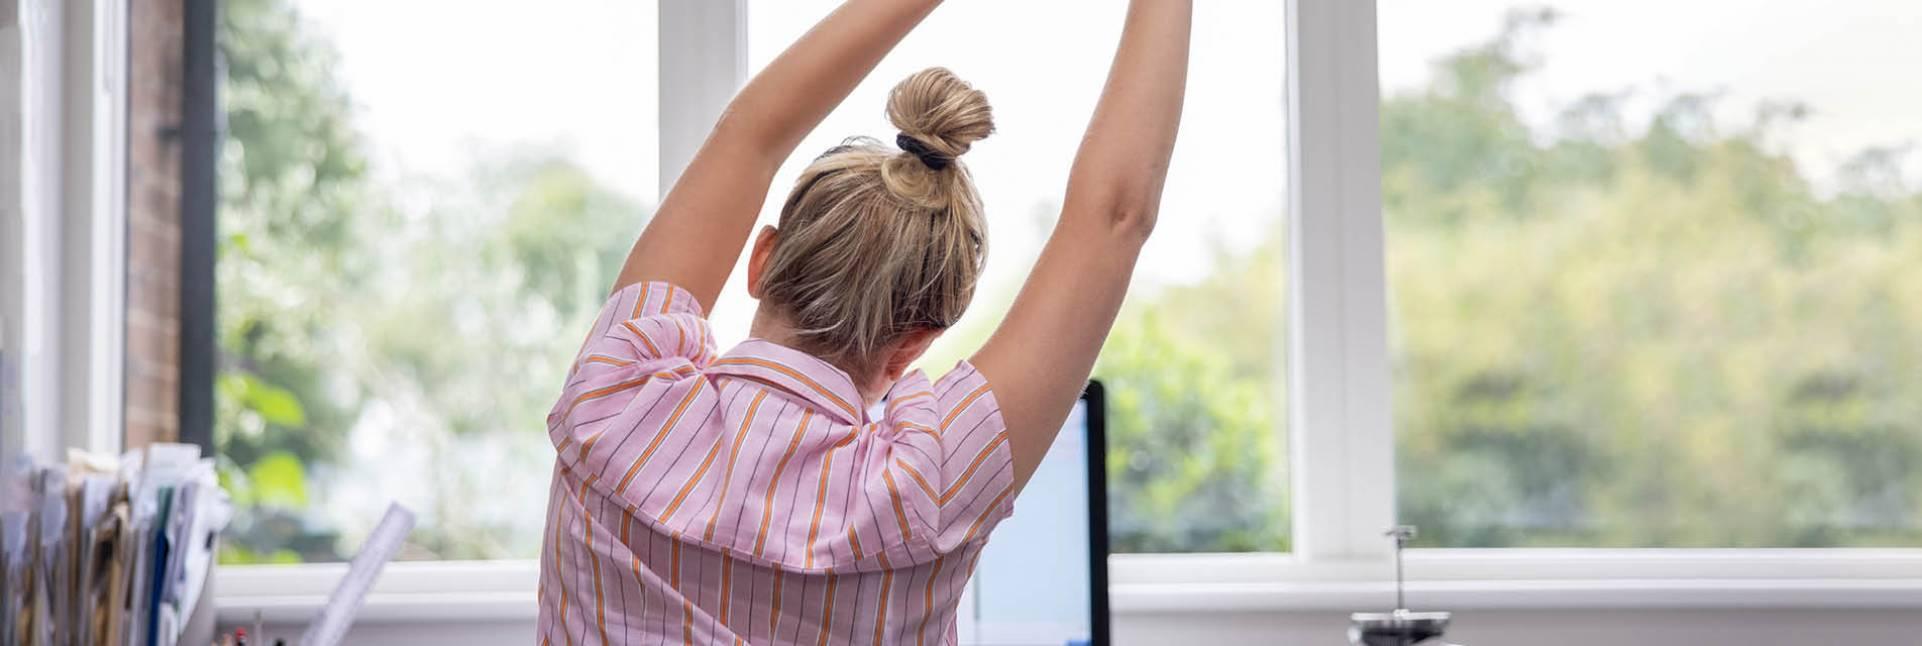 5 consejos para combatir el sedentarismo en el teletrabajo